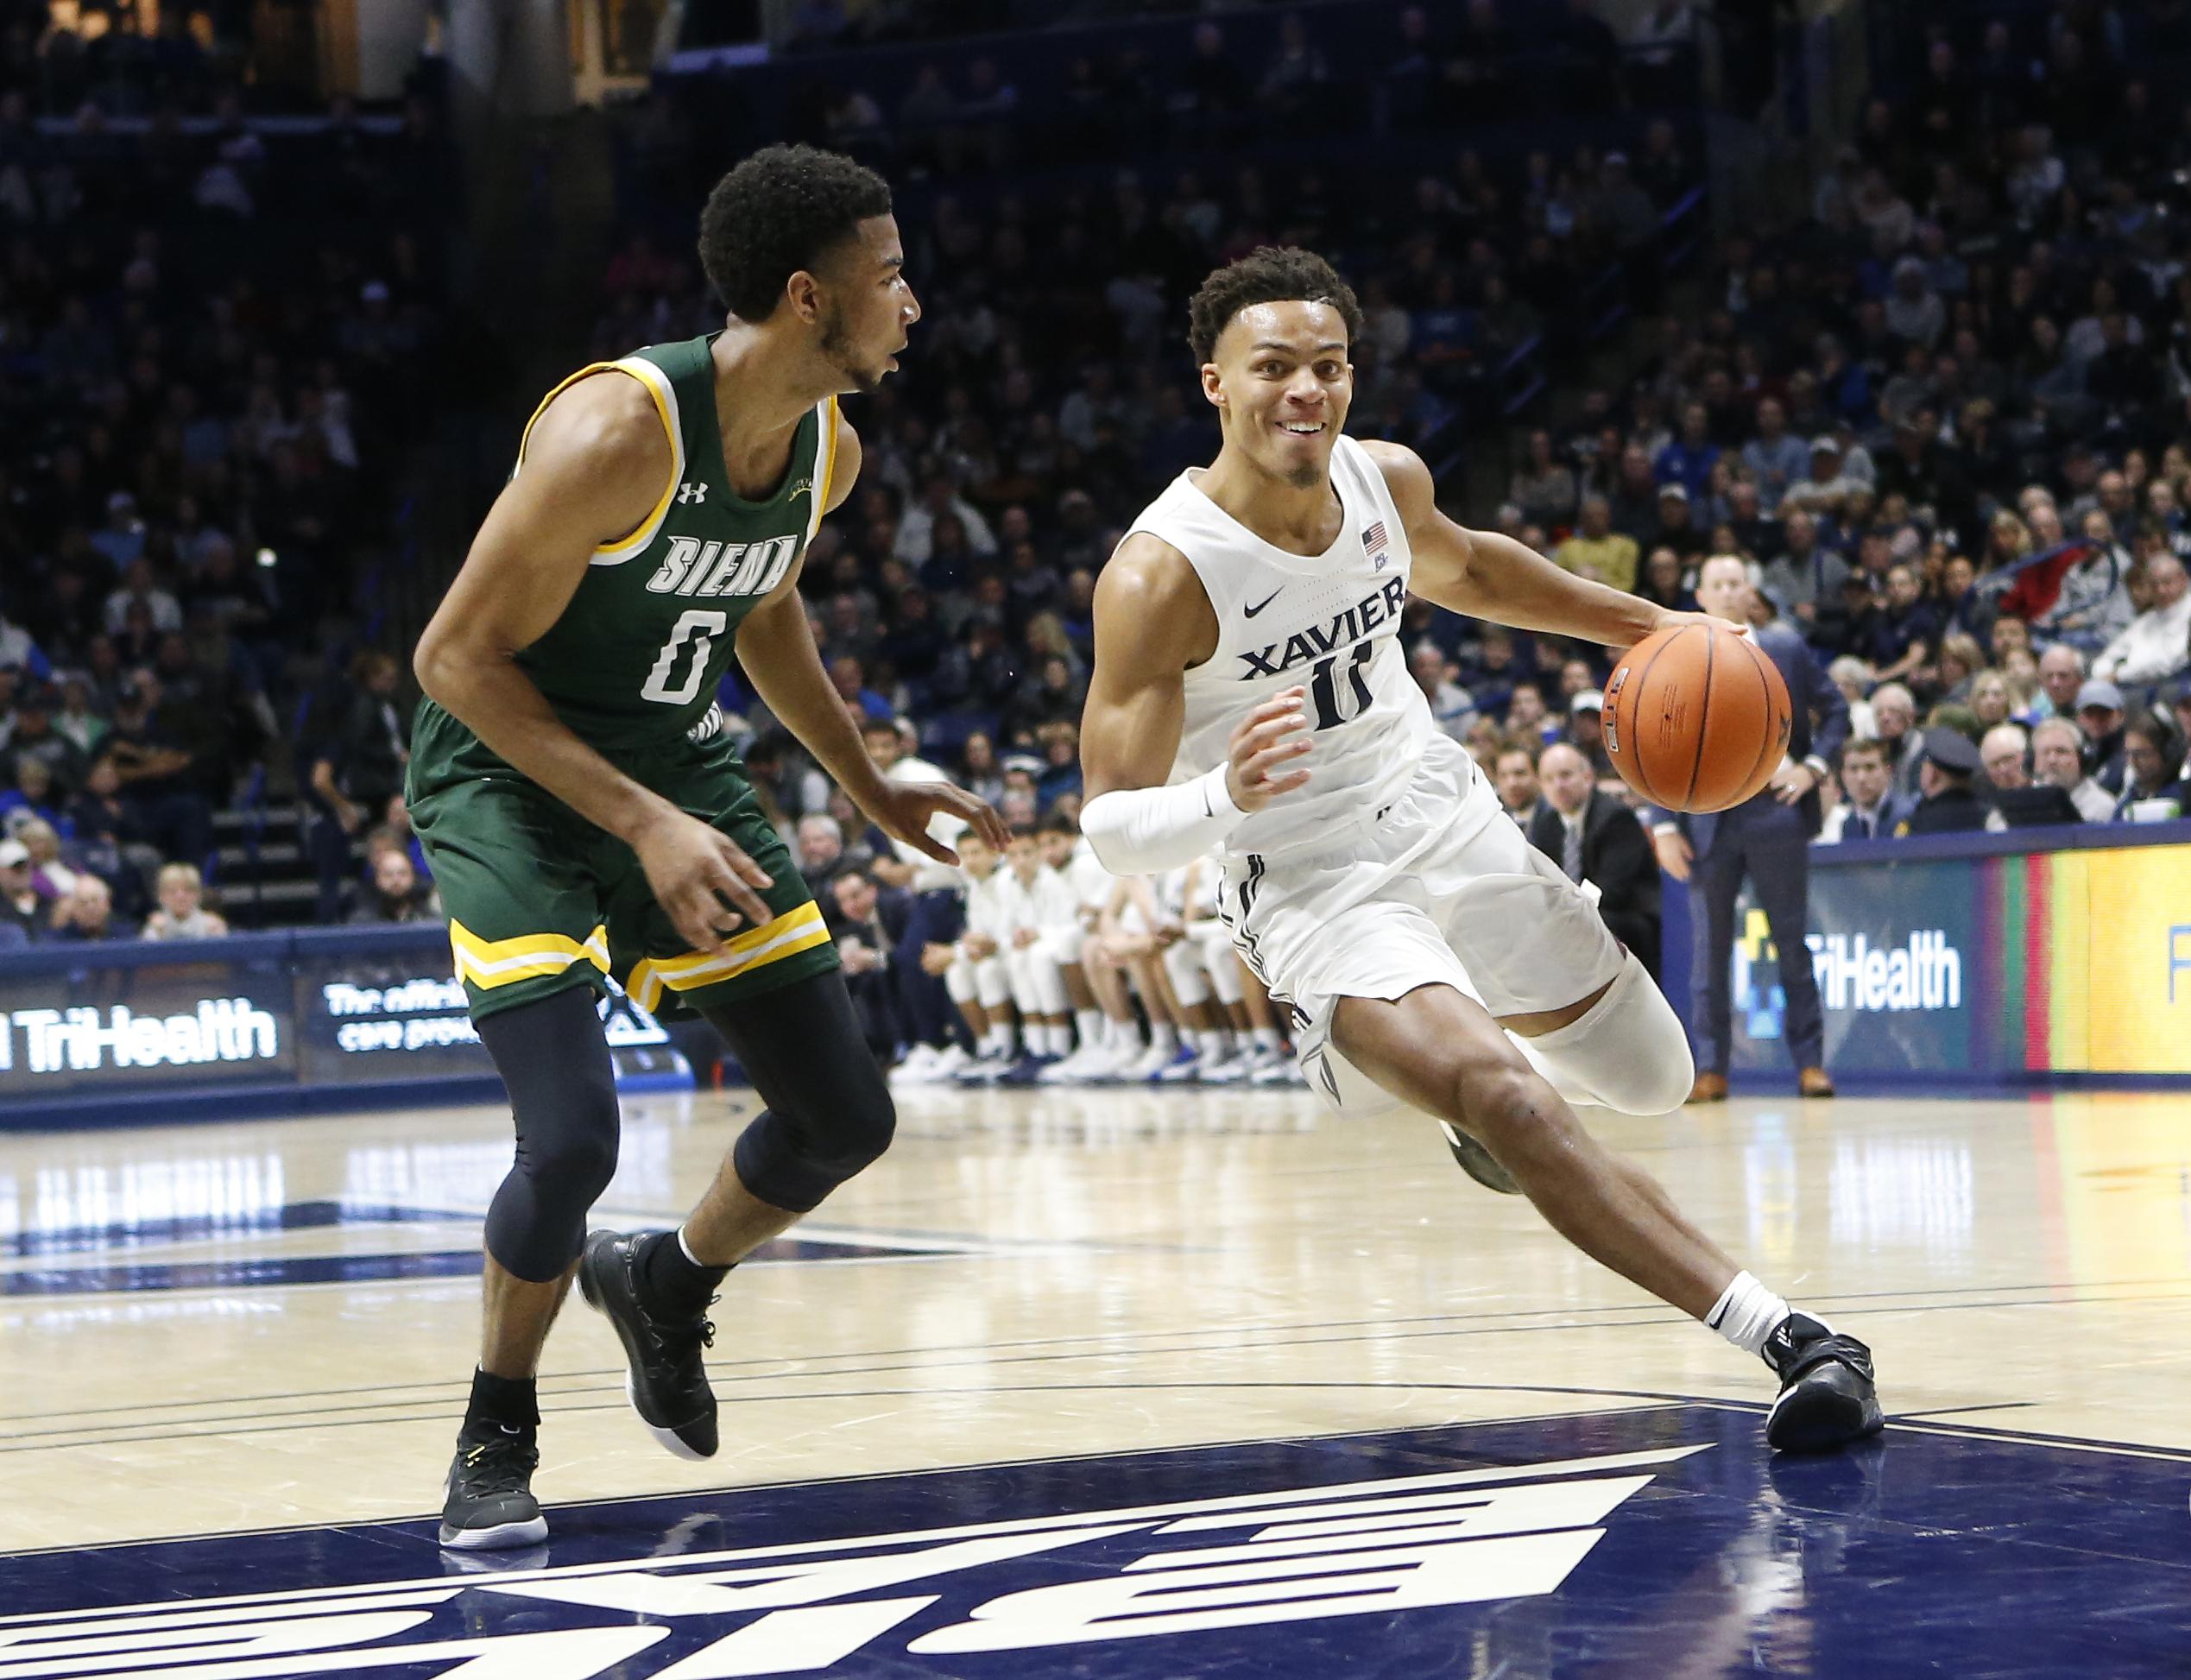 NCAA Basketball: Siena at Xavier